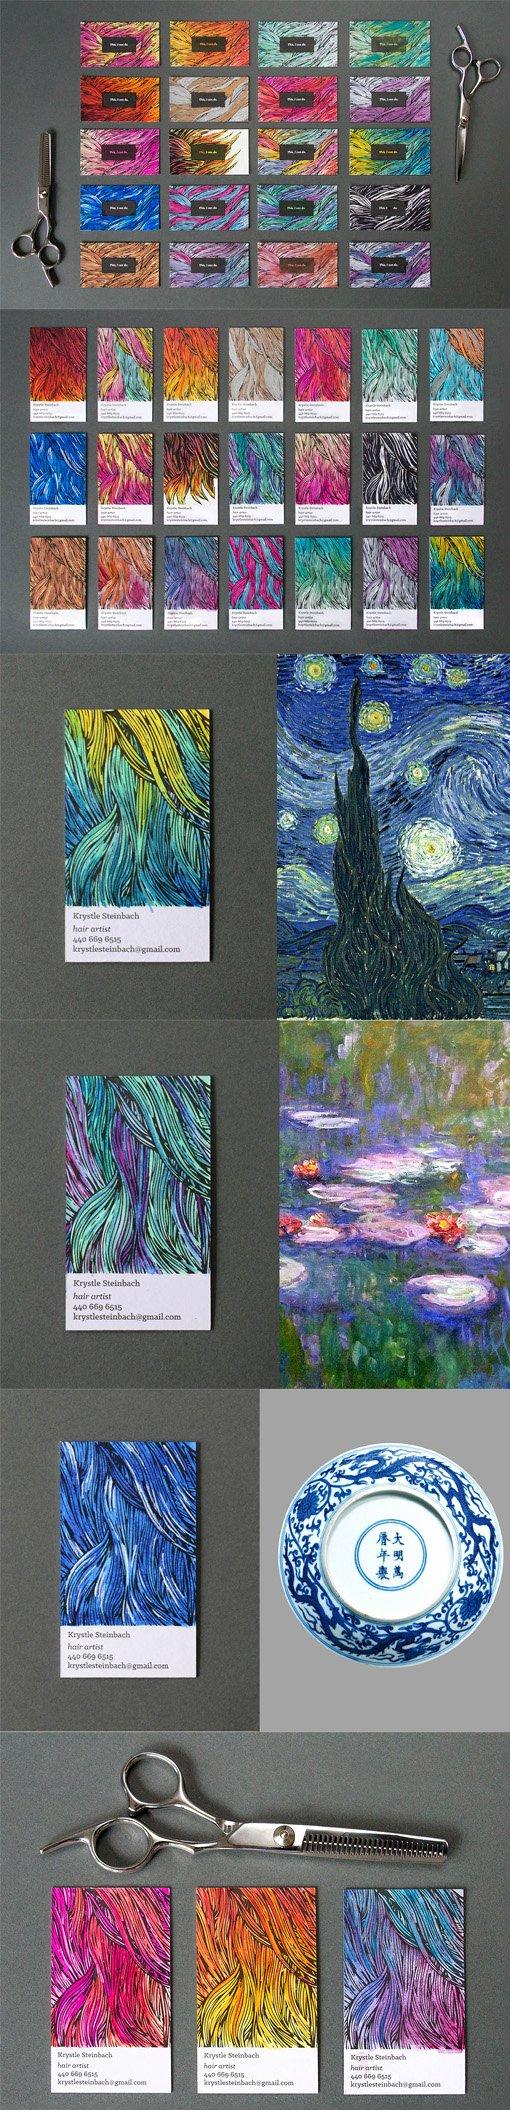 Unique Hair Stylist Business Cards New Unique Hand Coloured Business Cards for A Hair Stylist